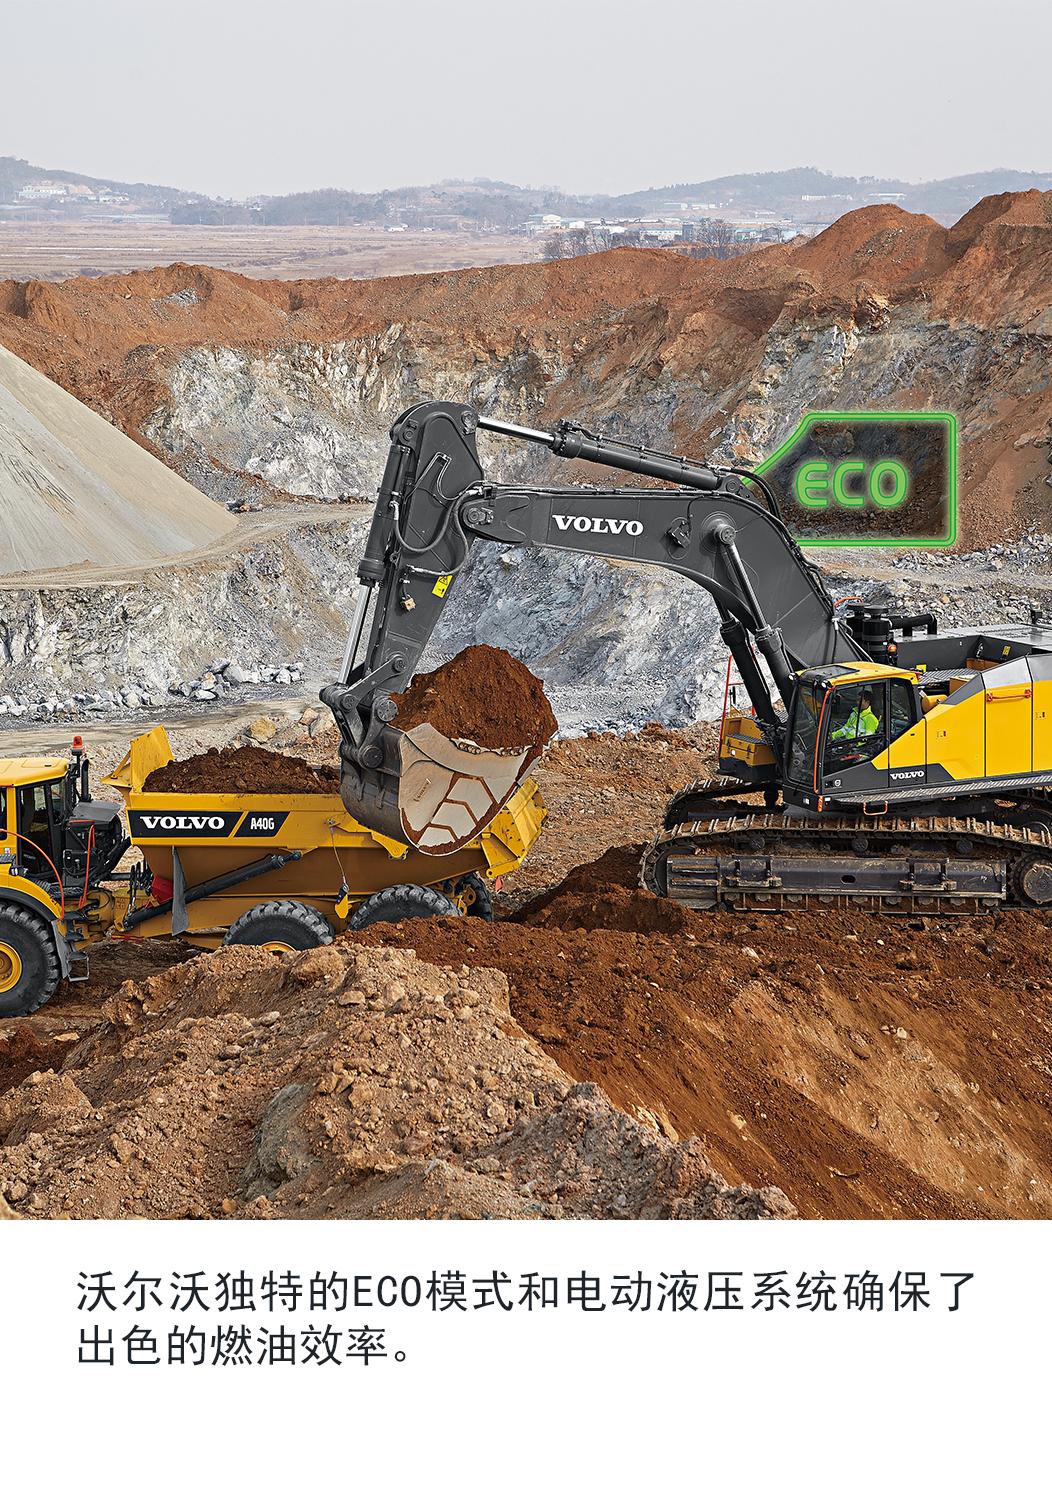 【多圖】沃爾沃EC950EL挖掘機出色的燃油效率細節圖_高清圖